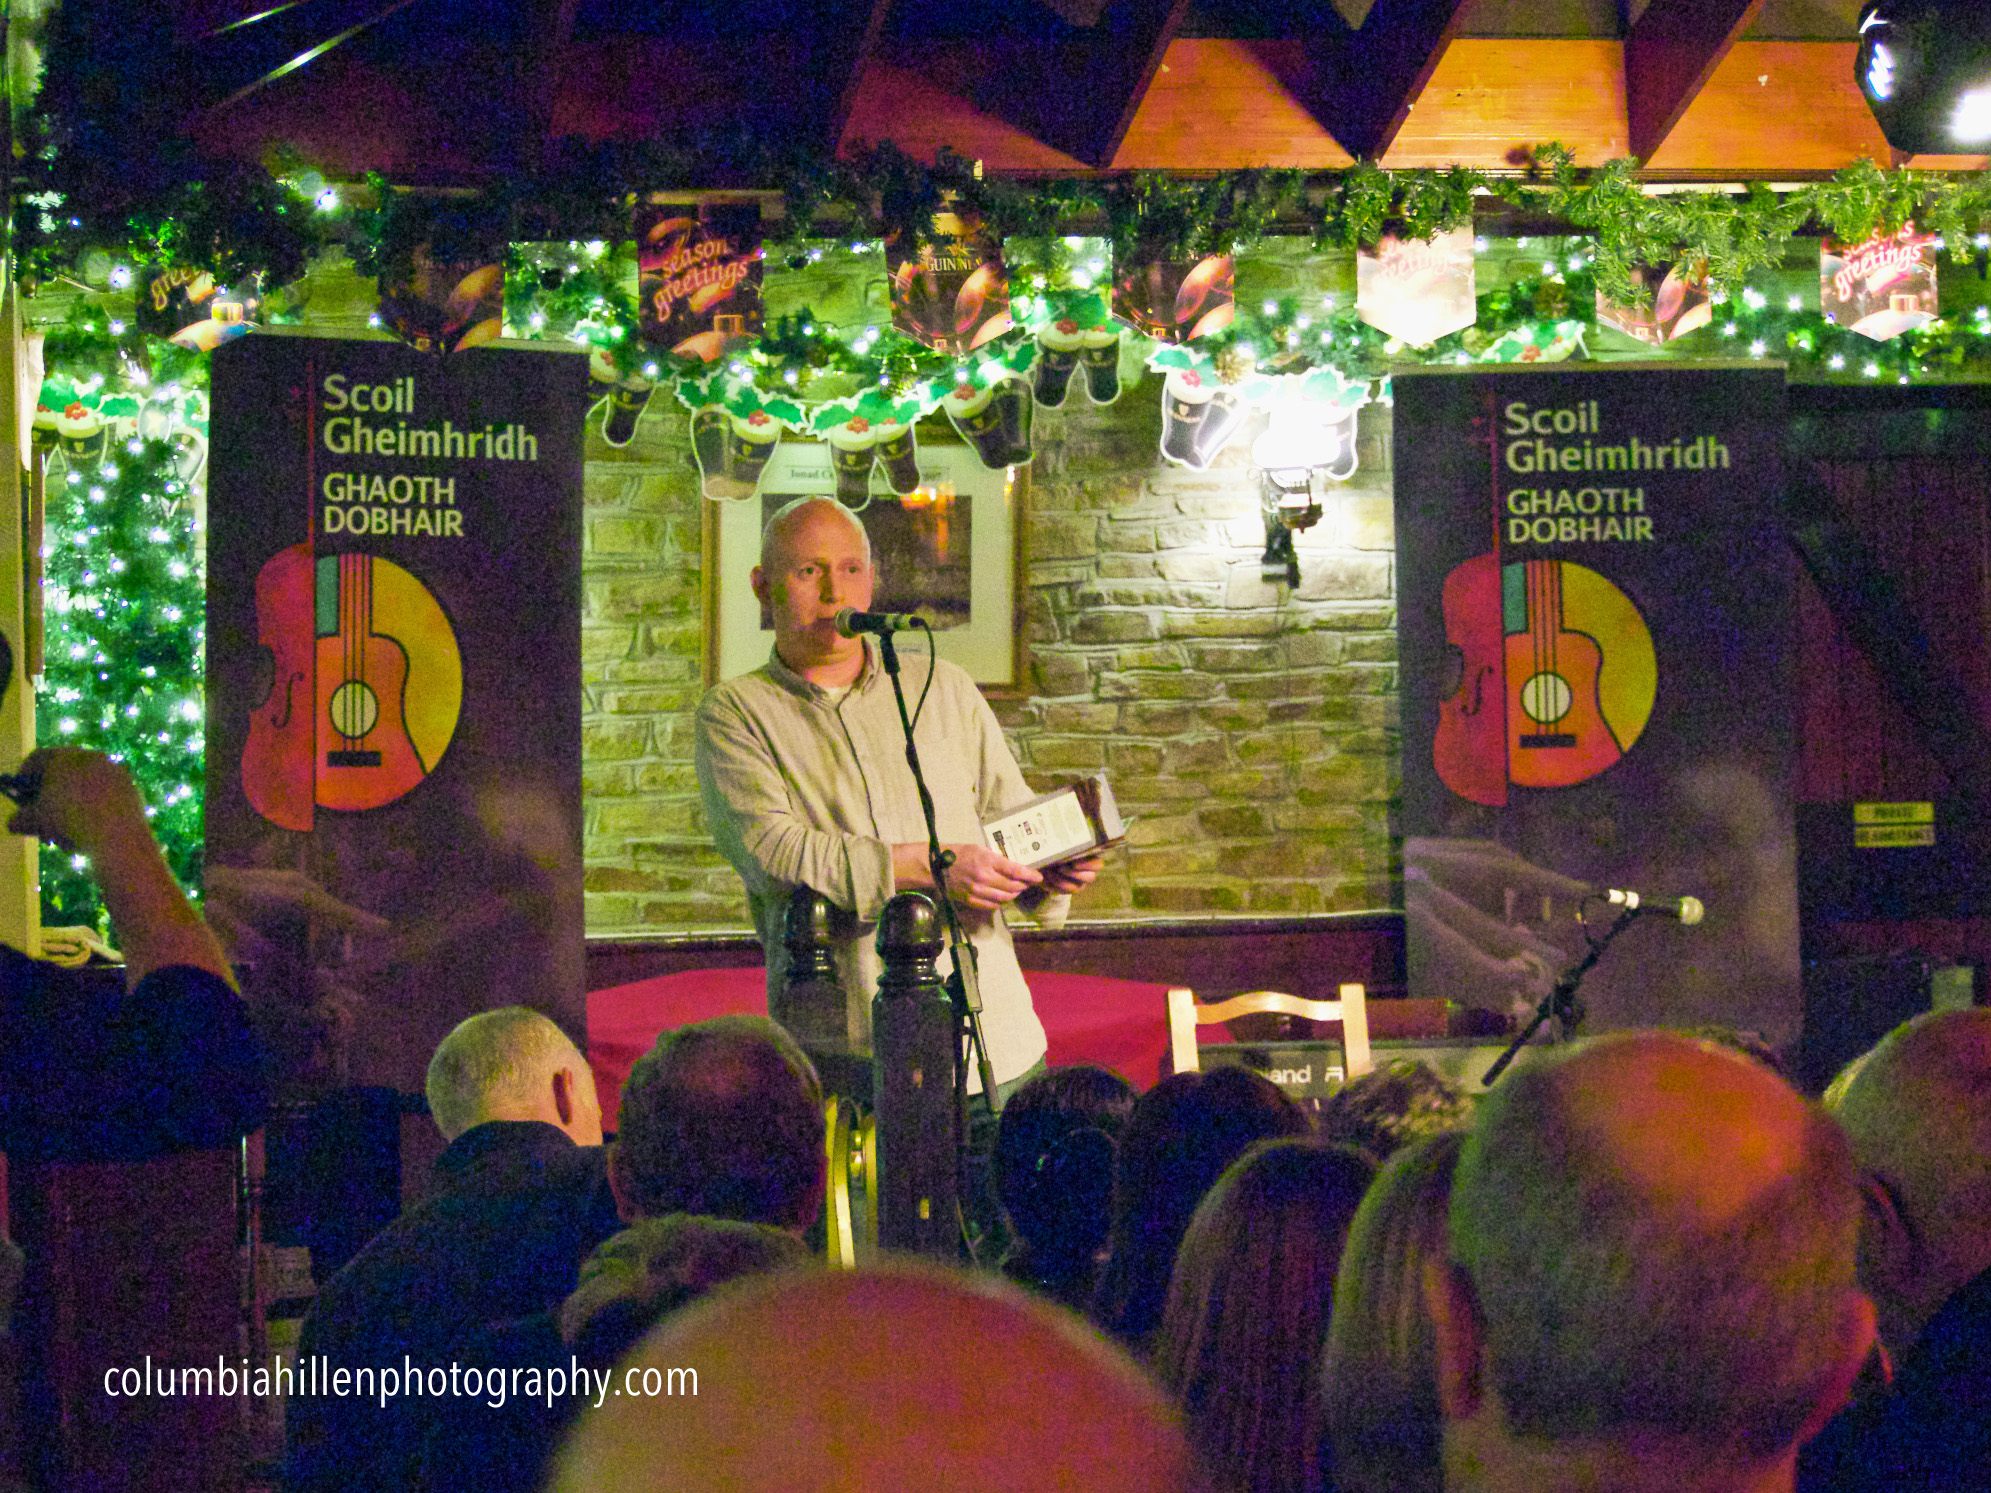 Scoil Gheimridh, Irish music festivals, live Irish music